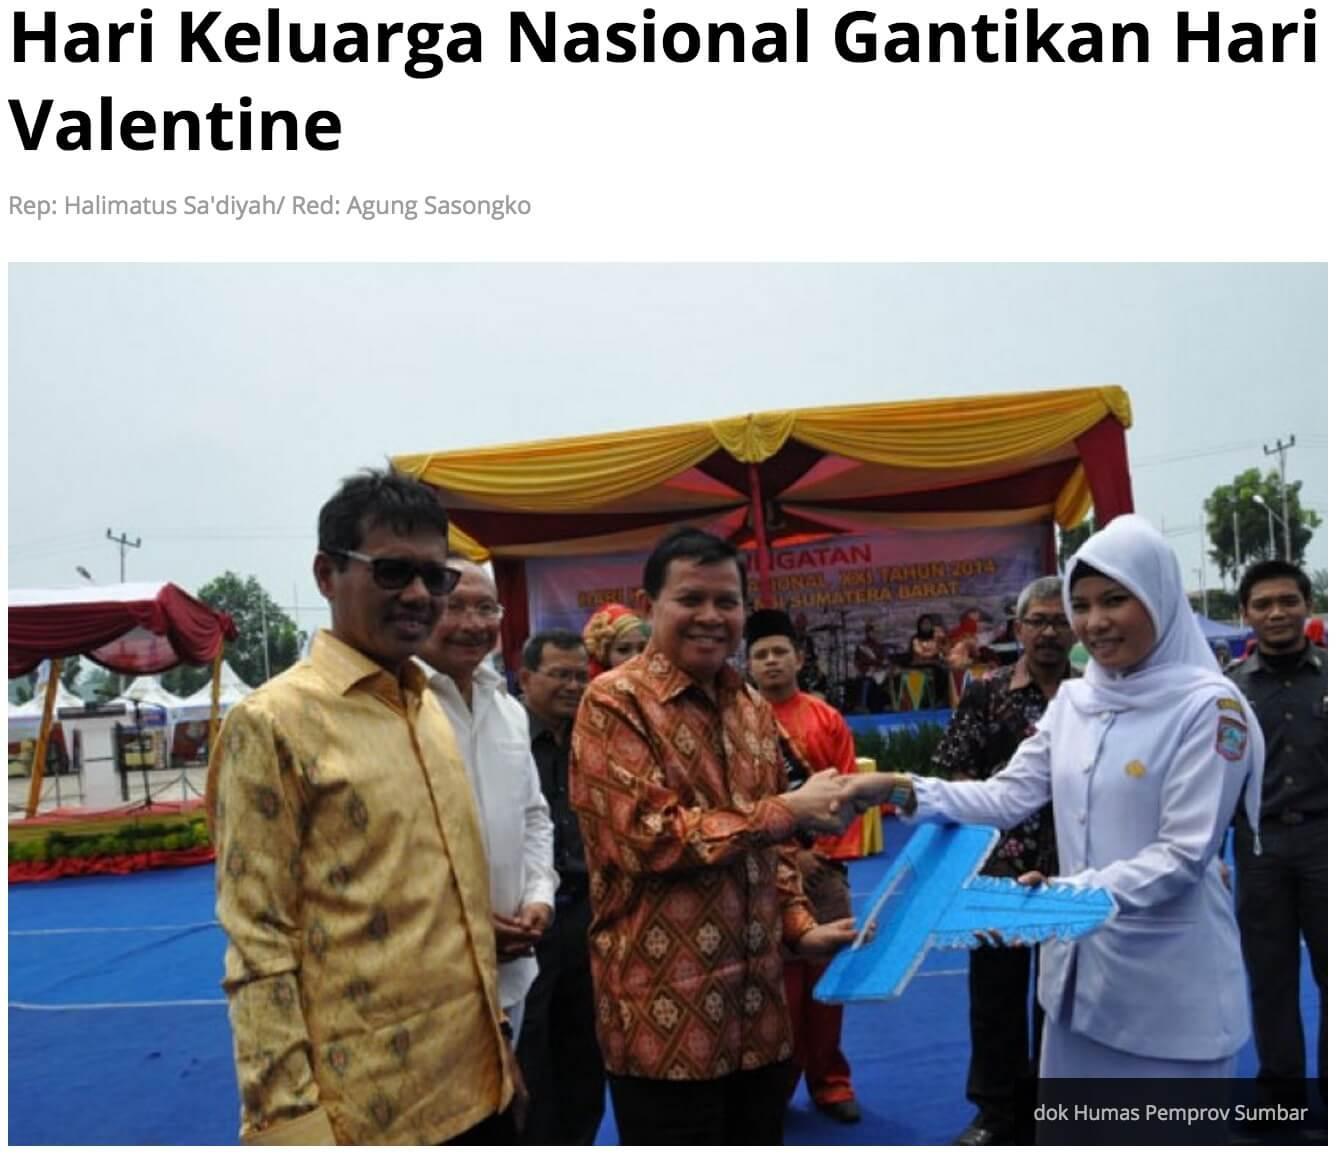 インドネシアのバレンタイン 禁止 家族の日 Republika Online